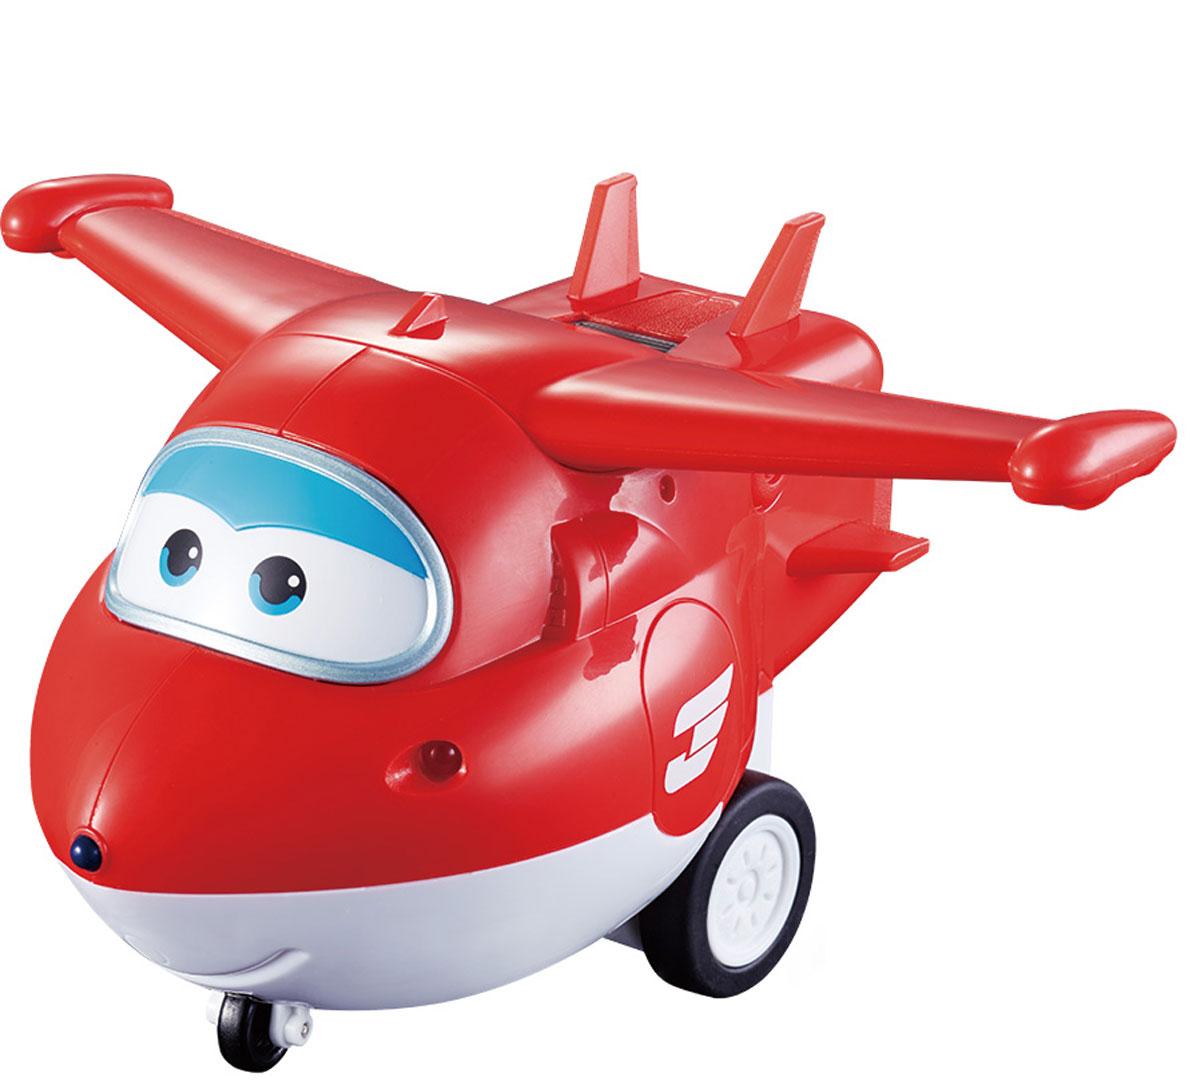 Super Wings Самолет на радиоуправлении ДжеттYW710710Джетт - добрый и веселый самолетик. Он доставляет посылки детям по всему свету и помогает справляться с разными сложными ситуациями. Если ему нужна помощь, он всегда может рассчитывать на команду своих друзей, которые всегда придут на помощь. Во время каждой доставки Джетт узнает что-то новое о культуре, традициях и языках разных стран, и делиться своими знаниями с поклонниками мультфильма. А еще он прилетает в пункт назначения всегда вовремя! И очень гордиться этим. Самолет на радиоуправлении Super Wings Джетт обязательно станет любимой игрушкой вашего ребенка. Ваш малыш сам решит, в какую страну сегодня отправится красно-белый самолет. Легкое радиоуправление с большими кнопками делает игру с Джеттом доступной для самых маленьких любителей Super Wings. Просто поставьте Джетта на пол, возьмите в руки пульт и отправляйтесь на поиски приключений вместе с Супер Крыльями! Специальный рычажок включает фразы из мультфильма и свет в боковых фарах. Самолет не трансформируется в...